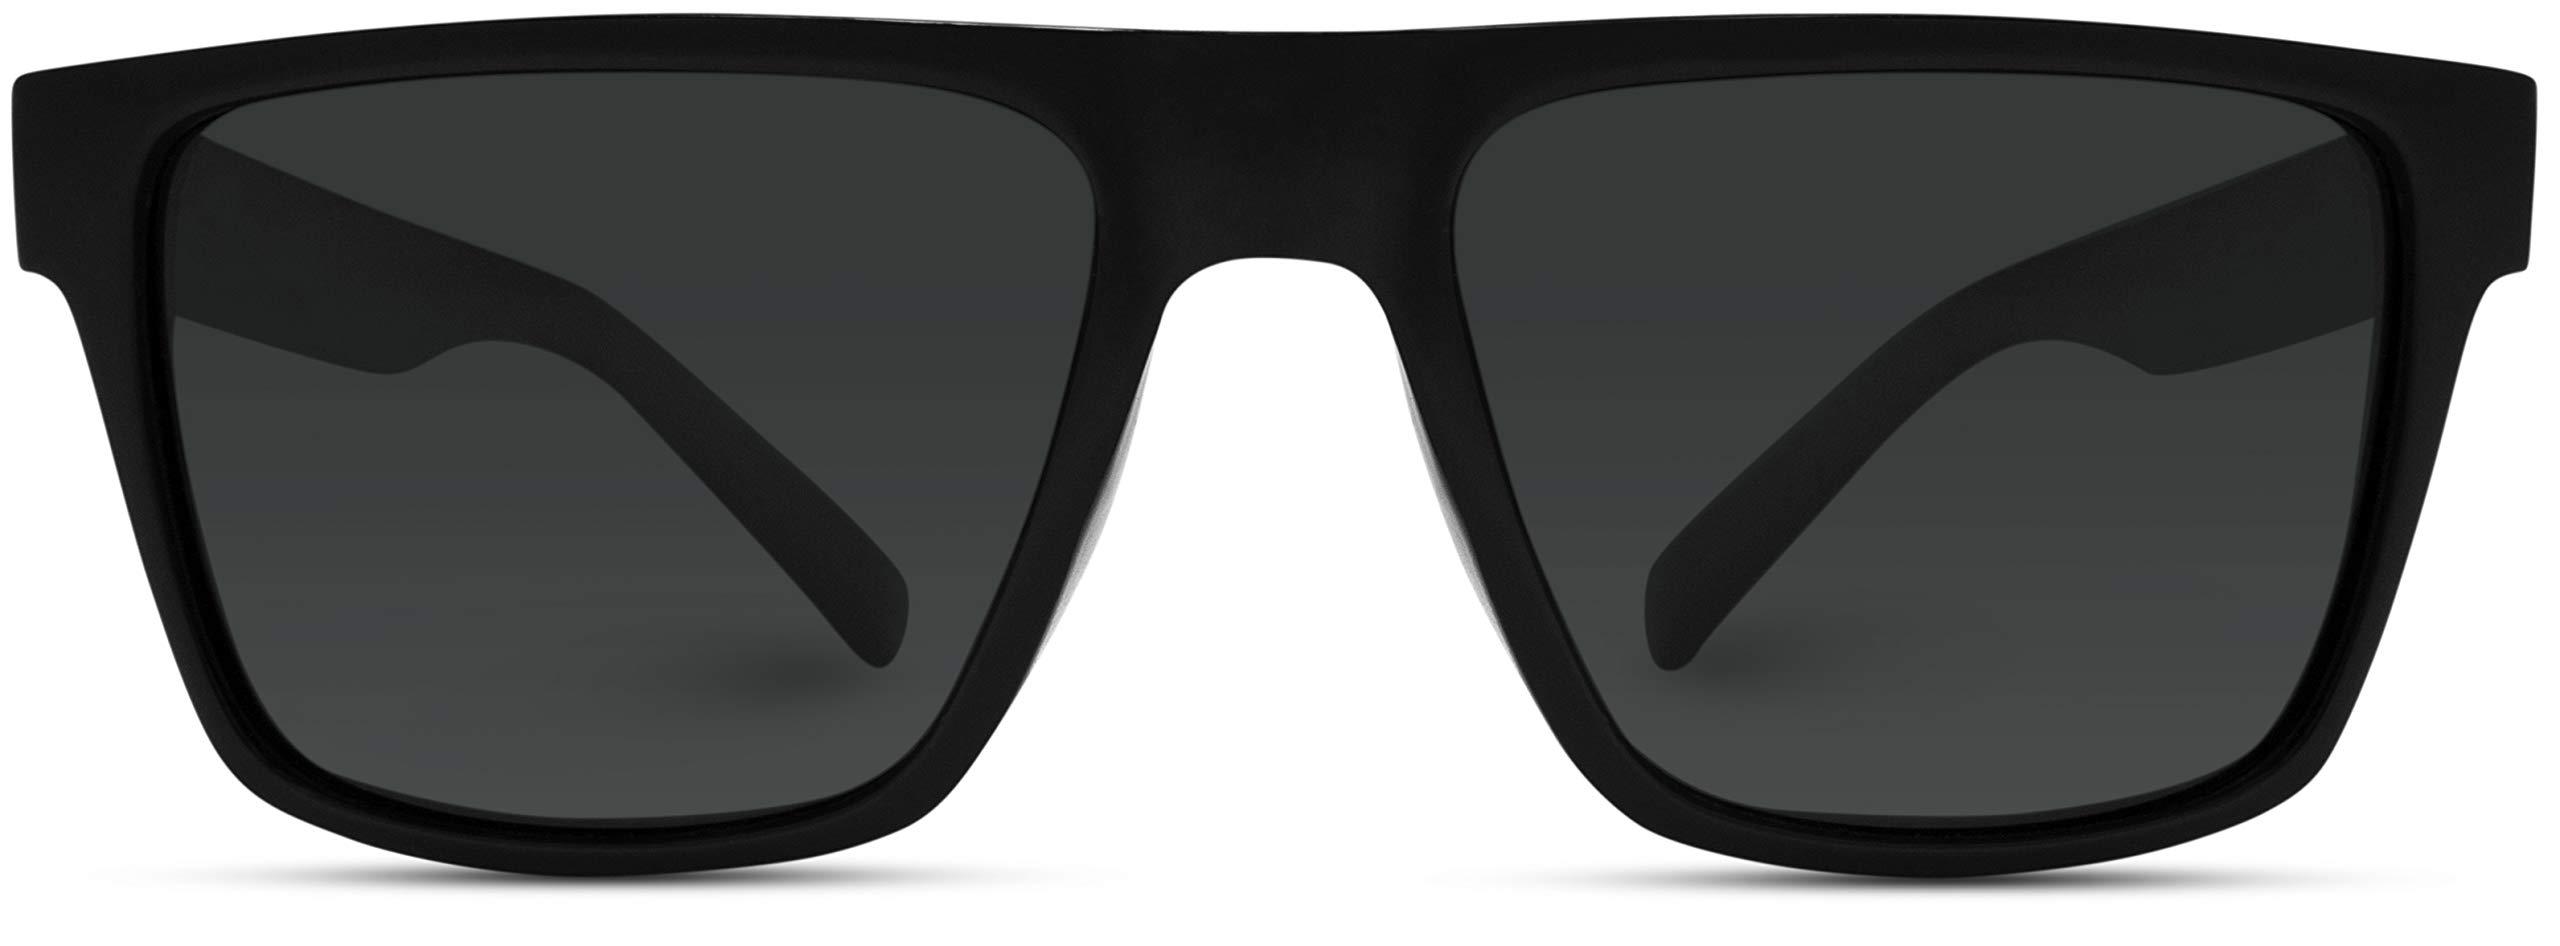 WearMe Pro - Polarized Flat Top Square Men Sunglasses by WearMe Pro